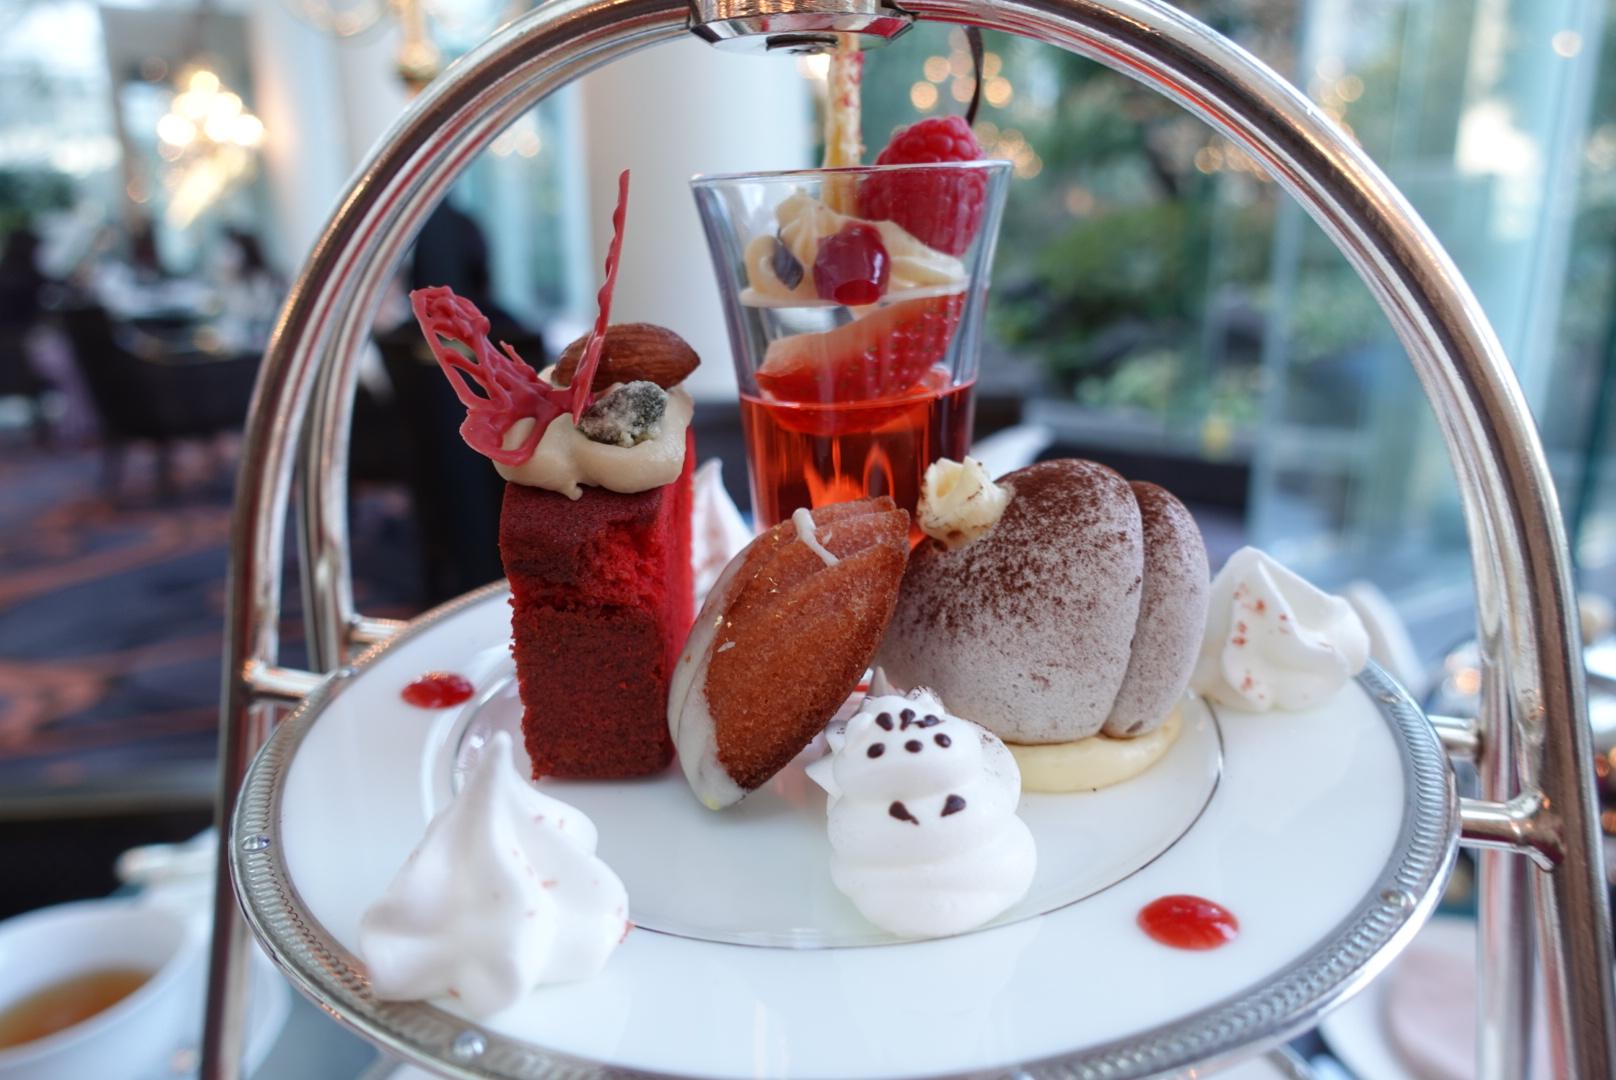 【大阪】ウェスティンホテル大阪の「Berry Berry アフタヌーンティー」でいちごを堪能!お庭に鯉も泳いでいて癒やされた_2